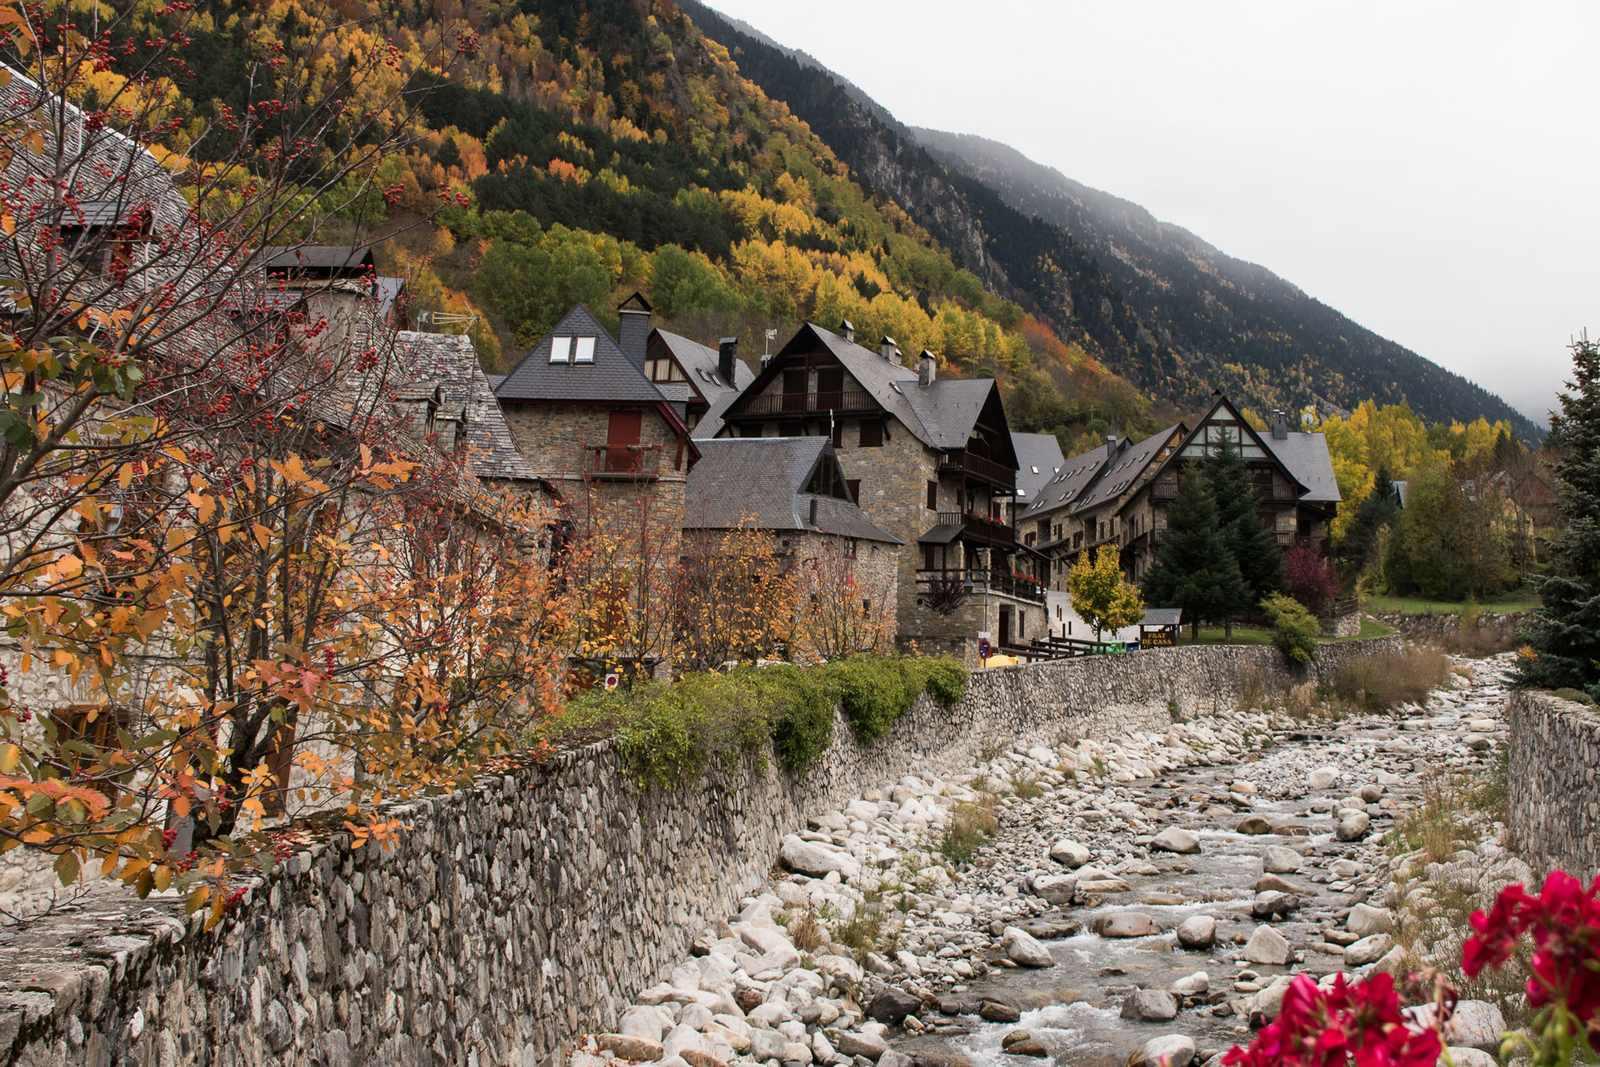 Где можно насладиться красотой испанской природы осенью? Советы местных жителей